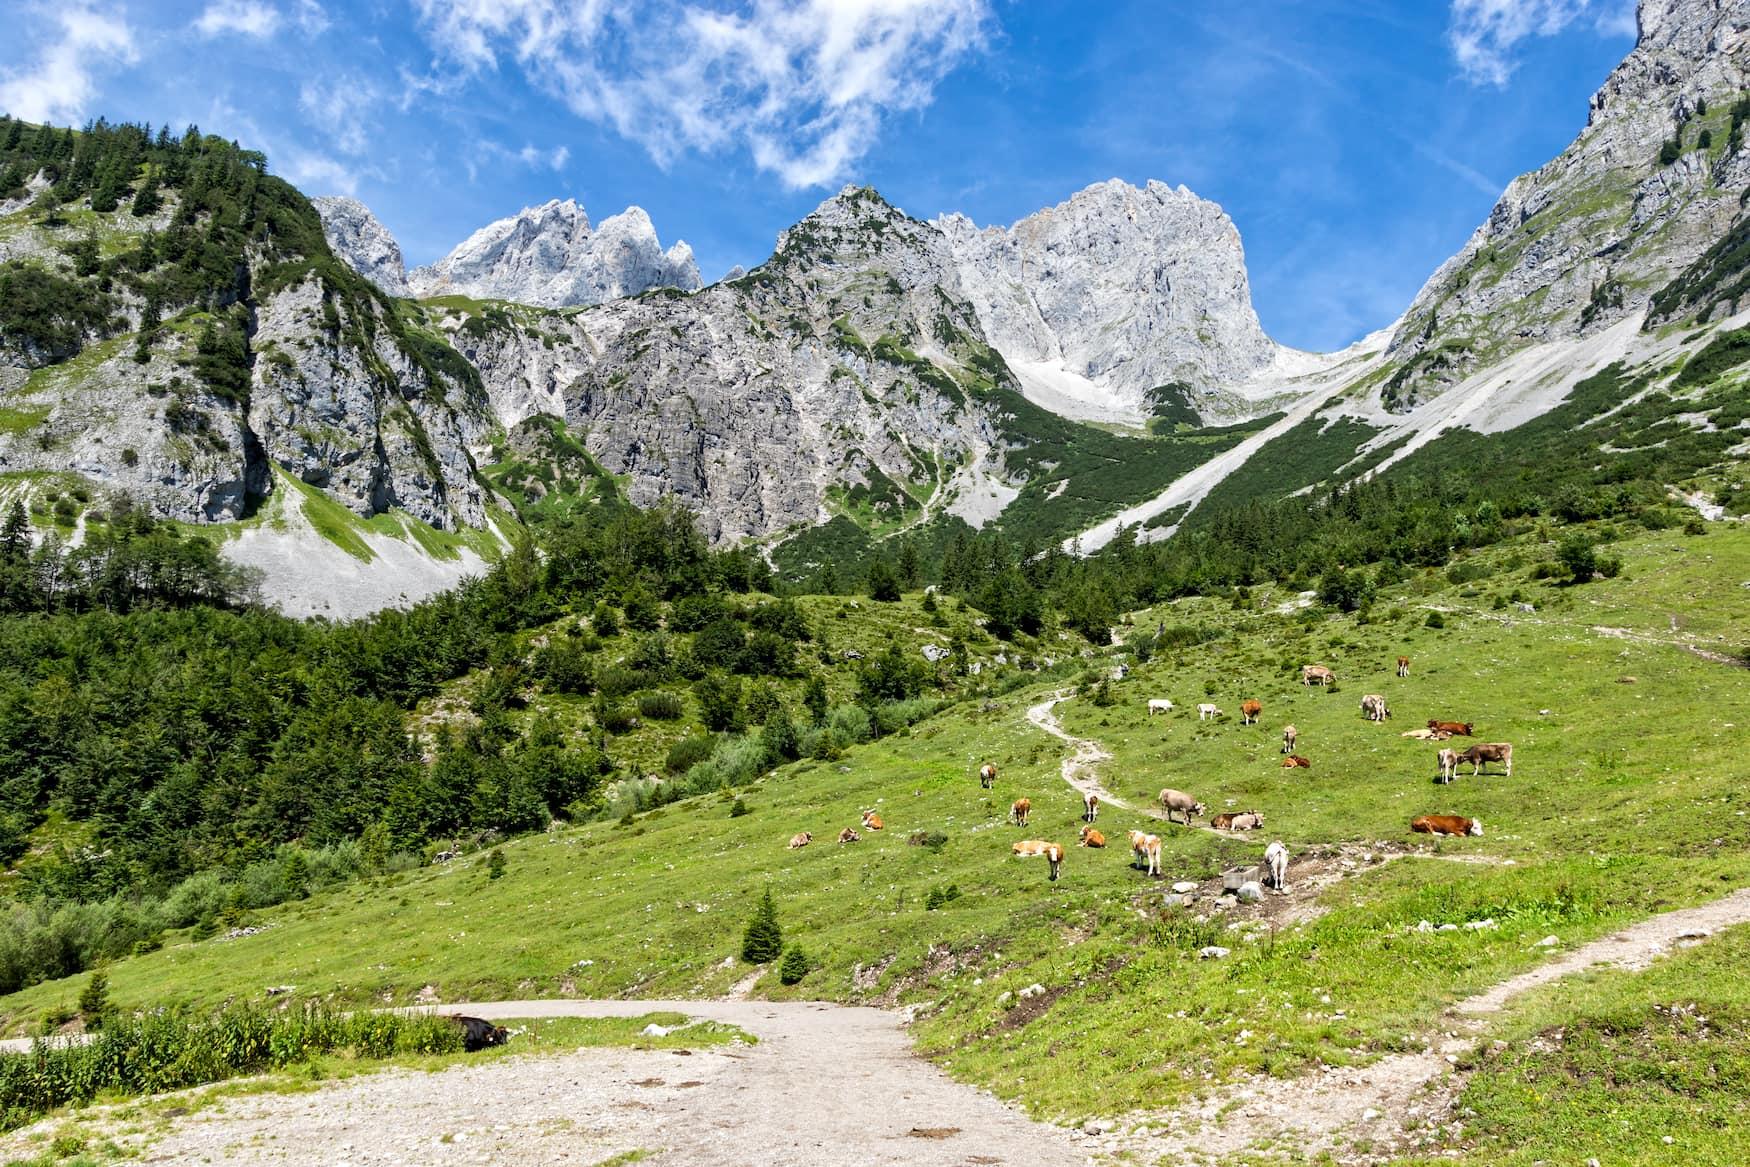 Kühe auf Wiese vor Bergkulisse des Kaisergebirges in Österreich